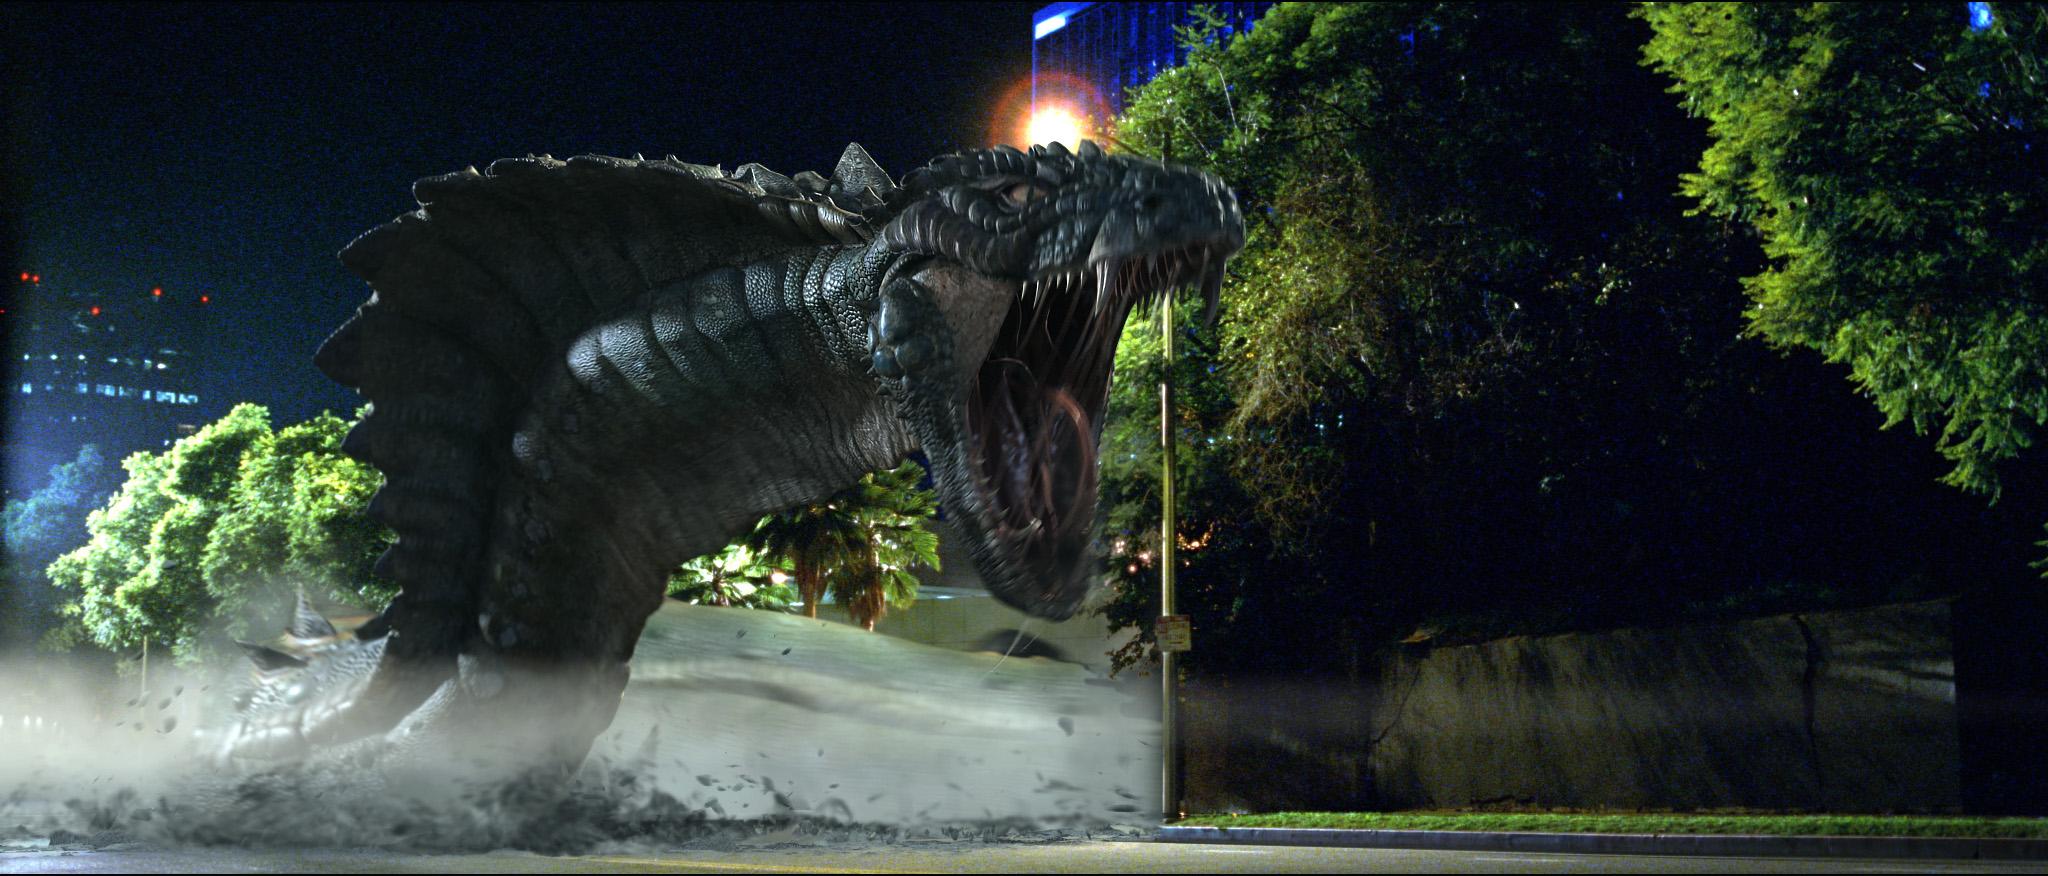 кадры из фильма Война динозавров